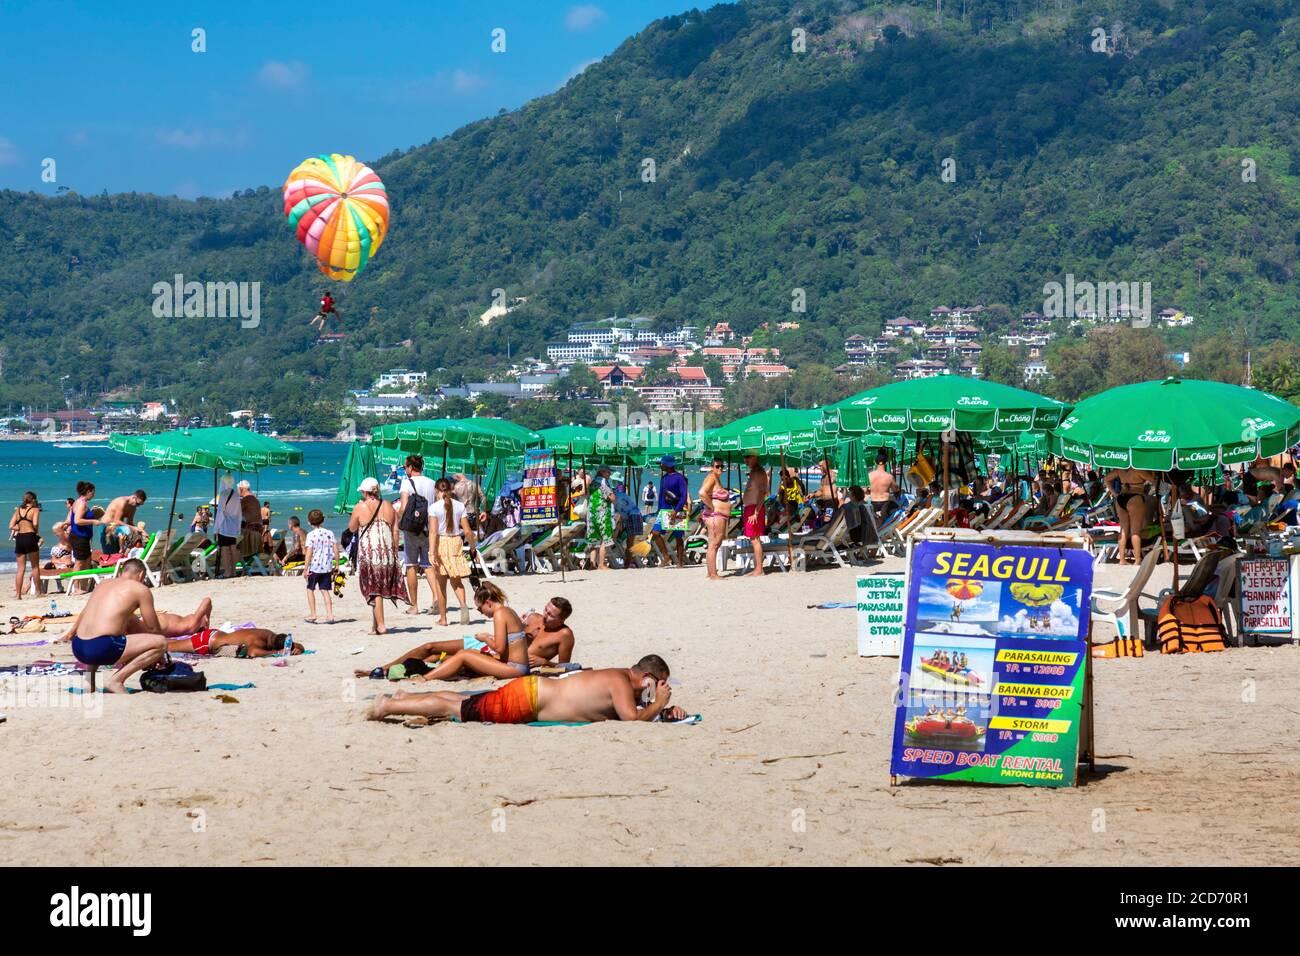 Crowded beach at Patong, Phuket, Thailand Stock Photo